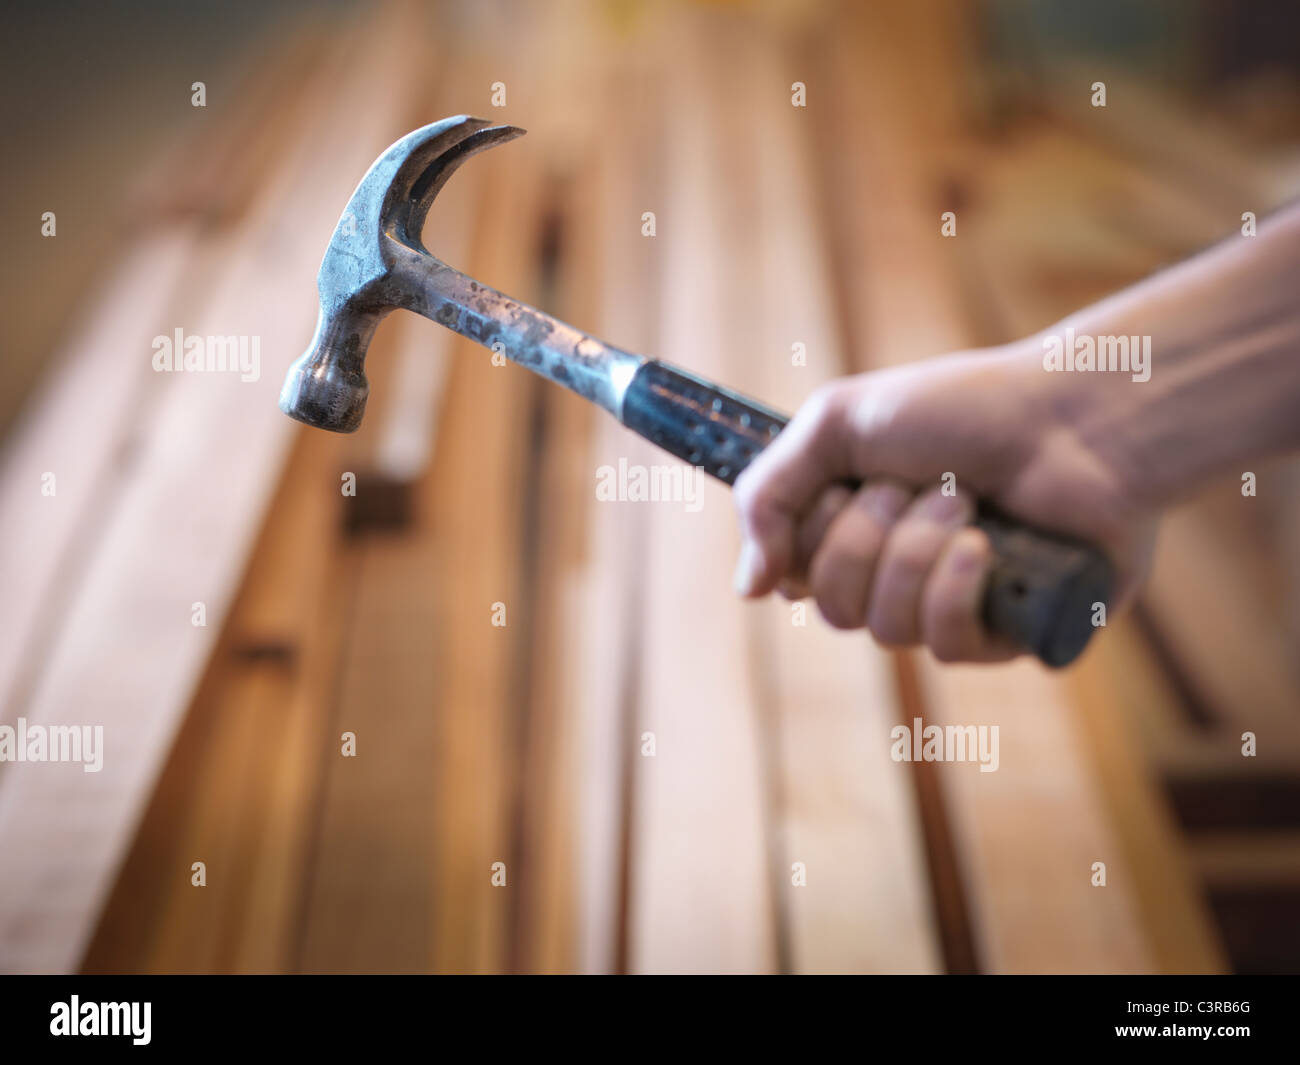 Martillo de mano sosteniendo junto a la madera Imagen De Stock